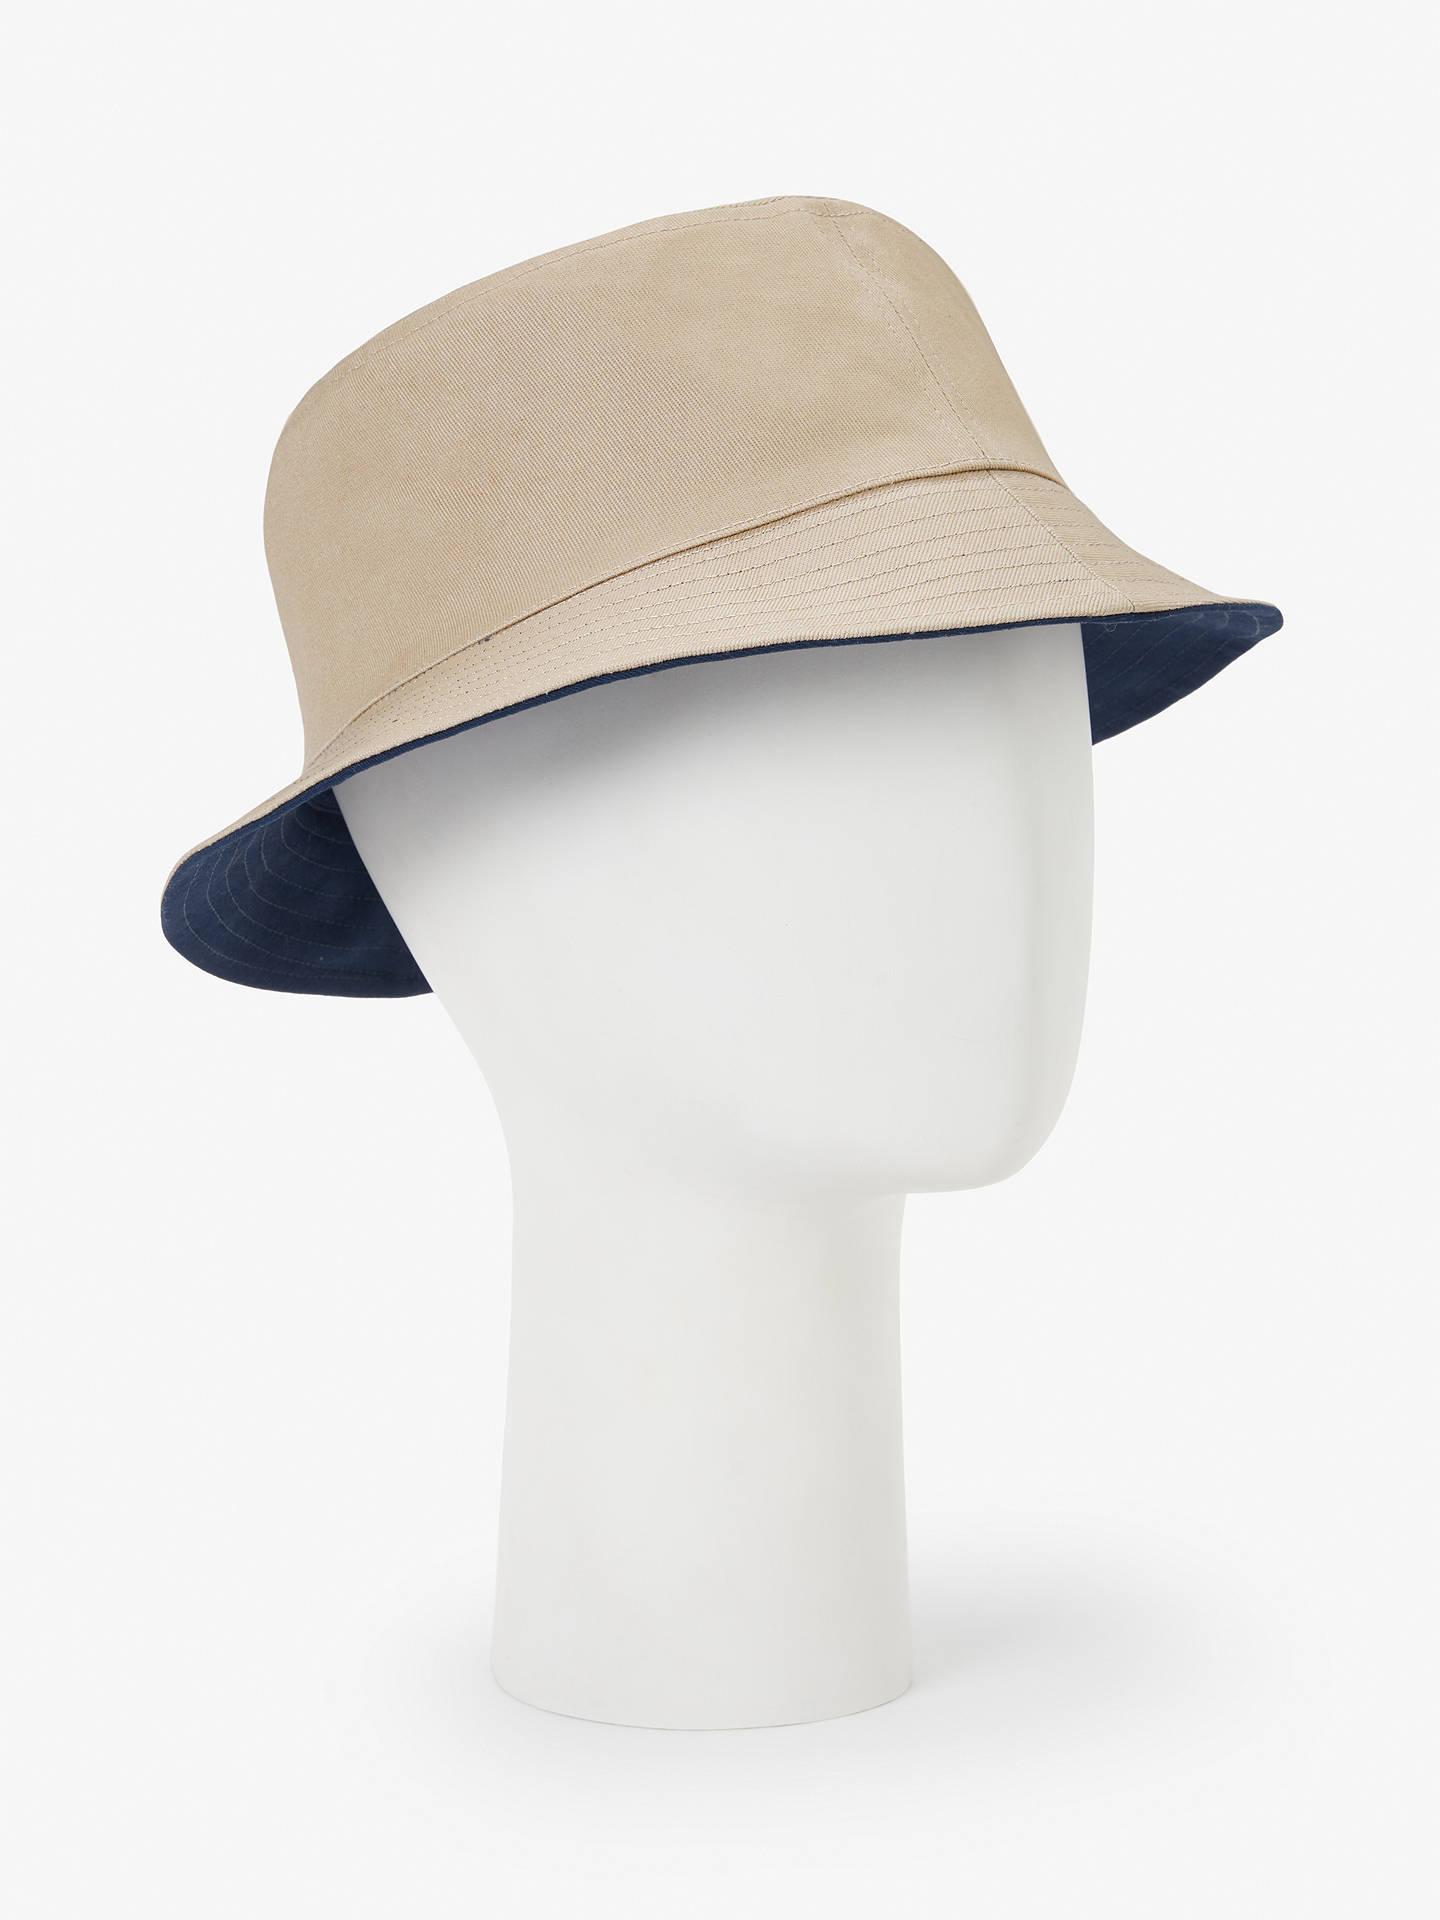 269ca4ebf John Lewis & Partners Reversible Bucket Hat, Beige/Navy